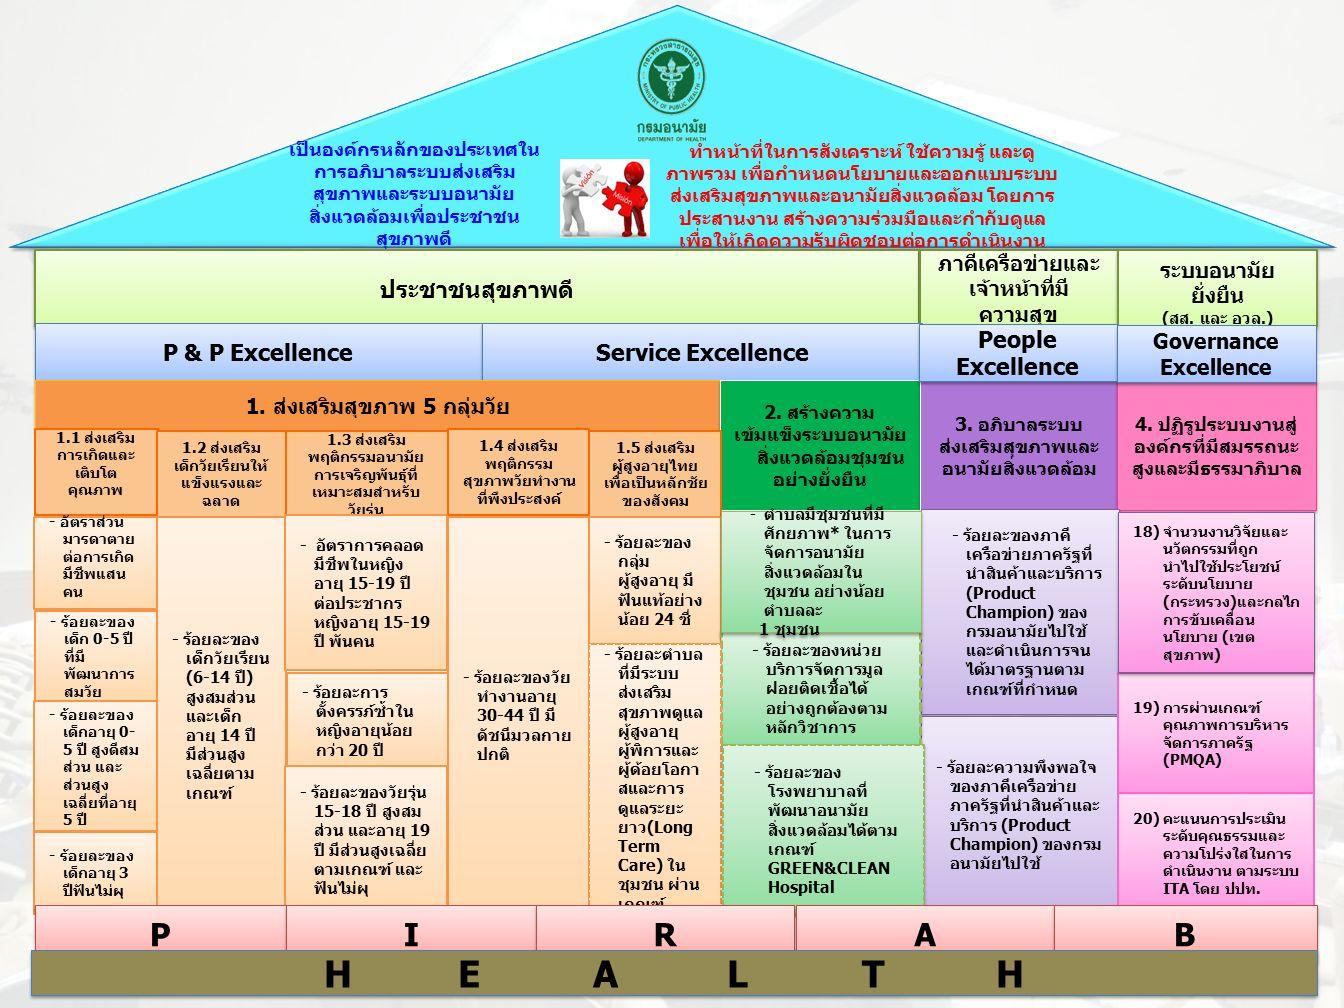 เป็นองค์กรหลักของประเทศใน การอภิบาลระบบส่งเสริม สุขภาพและระบบอนามัย สิ่งแวดล้อมเพื่อประชาชน สุขภาพดี ประชาชนสุขภาพดี ภาคีเครือข่ายและ เจ้าหน้าที่มี ความสุข ระบบอนามัย ยั่งยืน (สส.